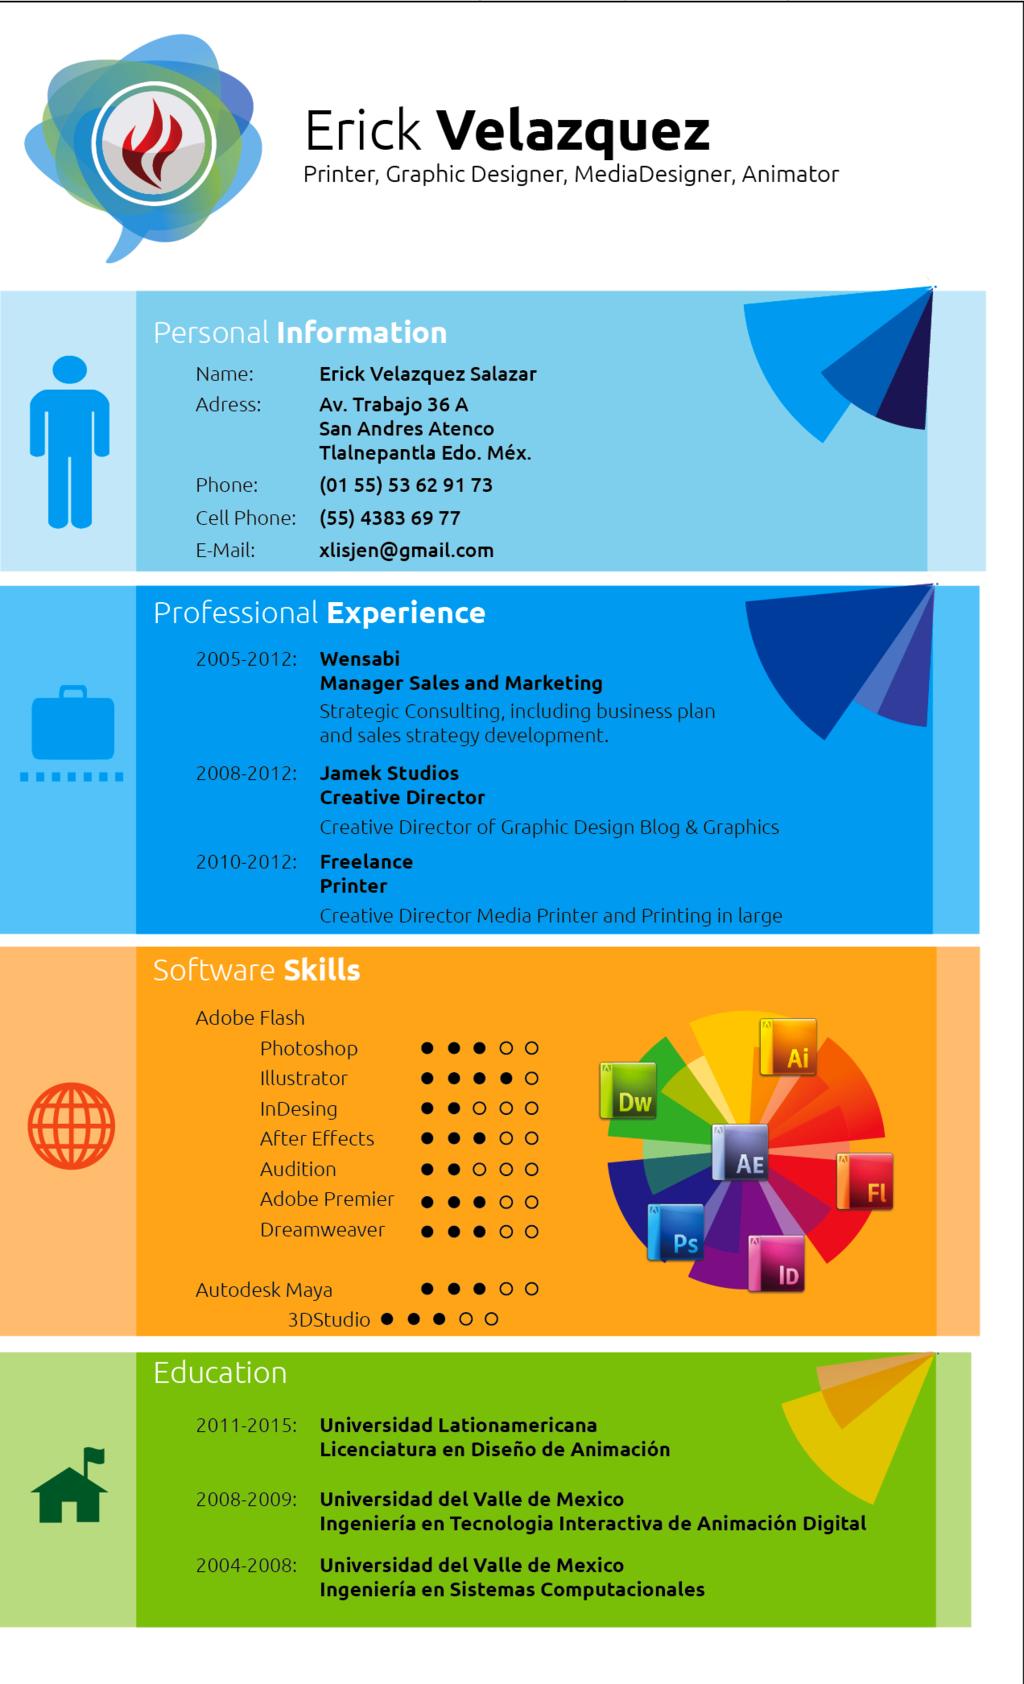 Encantador Curriculum Vitae Para Cvs Manager Ilustración - Colección ...